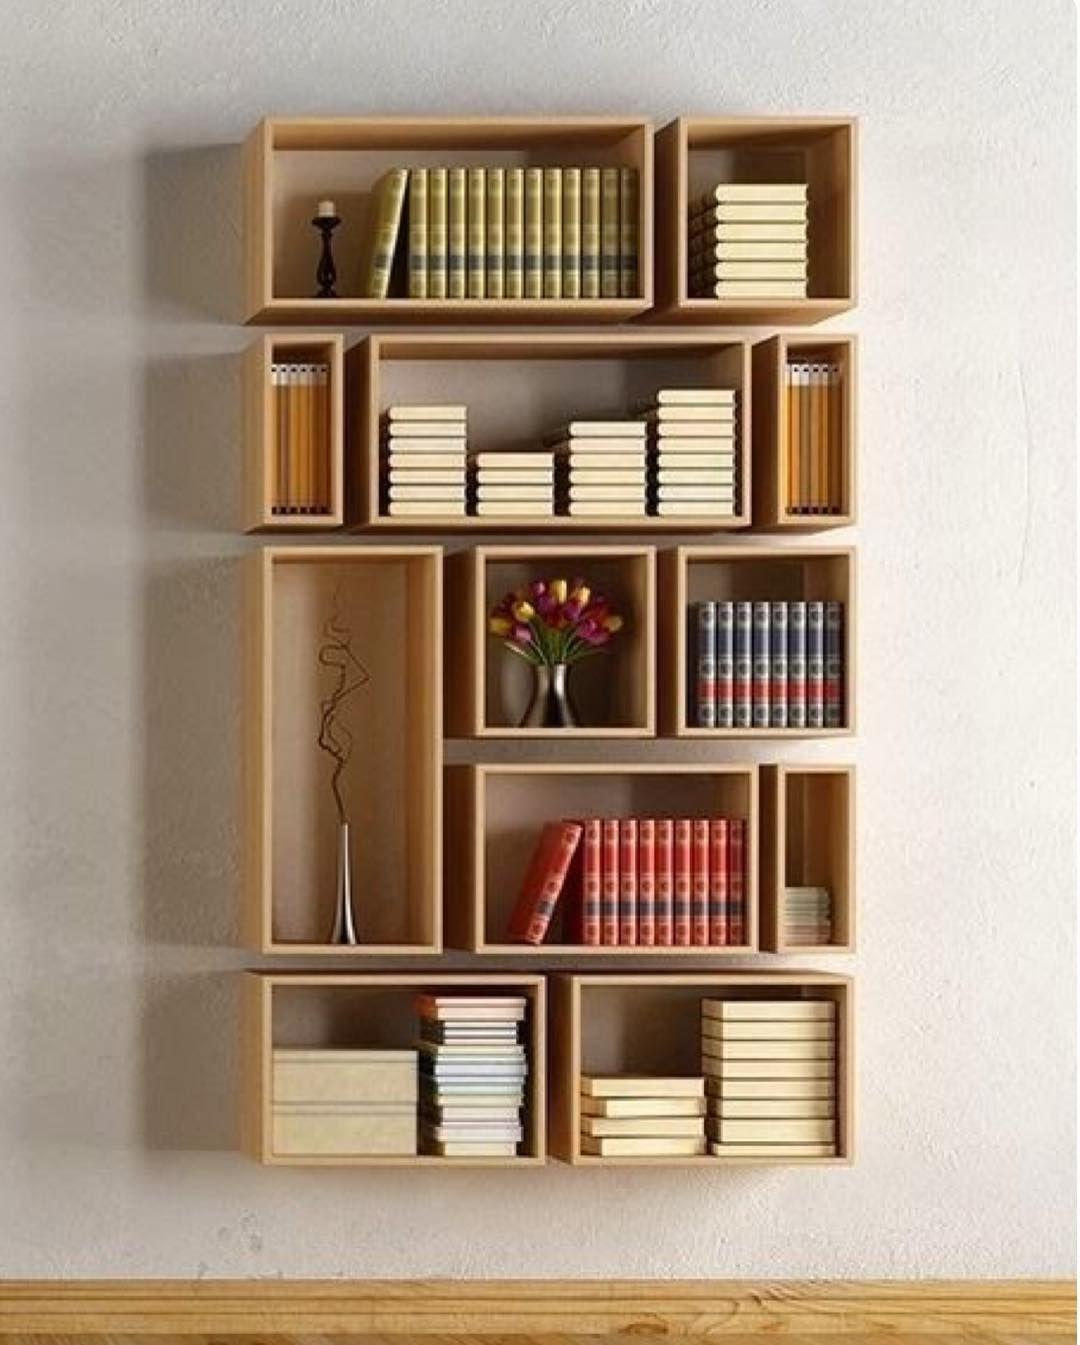 Floating Bookshelf Designed By Alphaville Bookshelves Diy Bookshelf Design Shelves